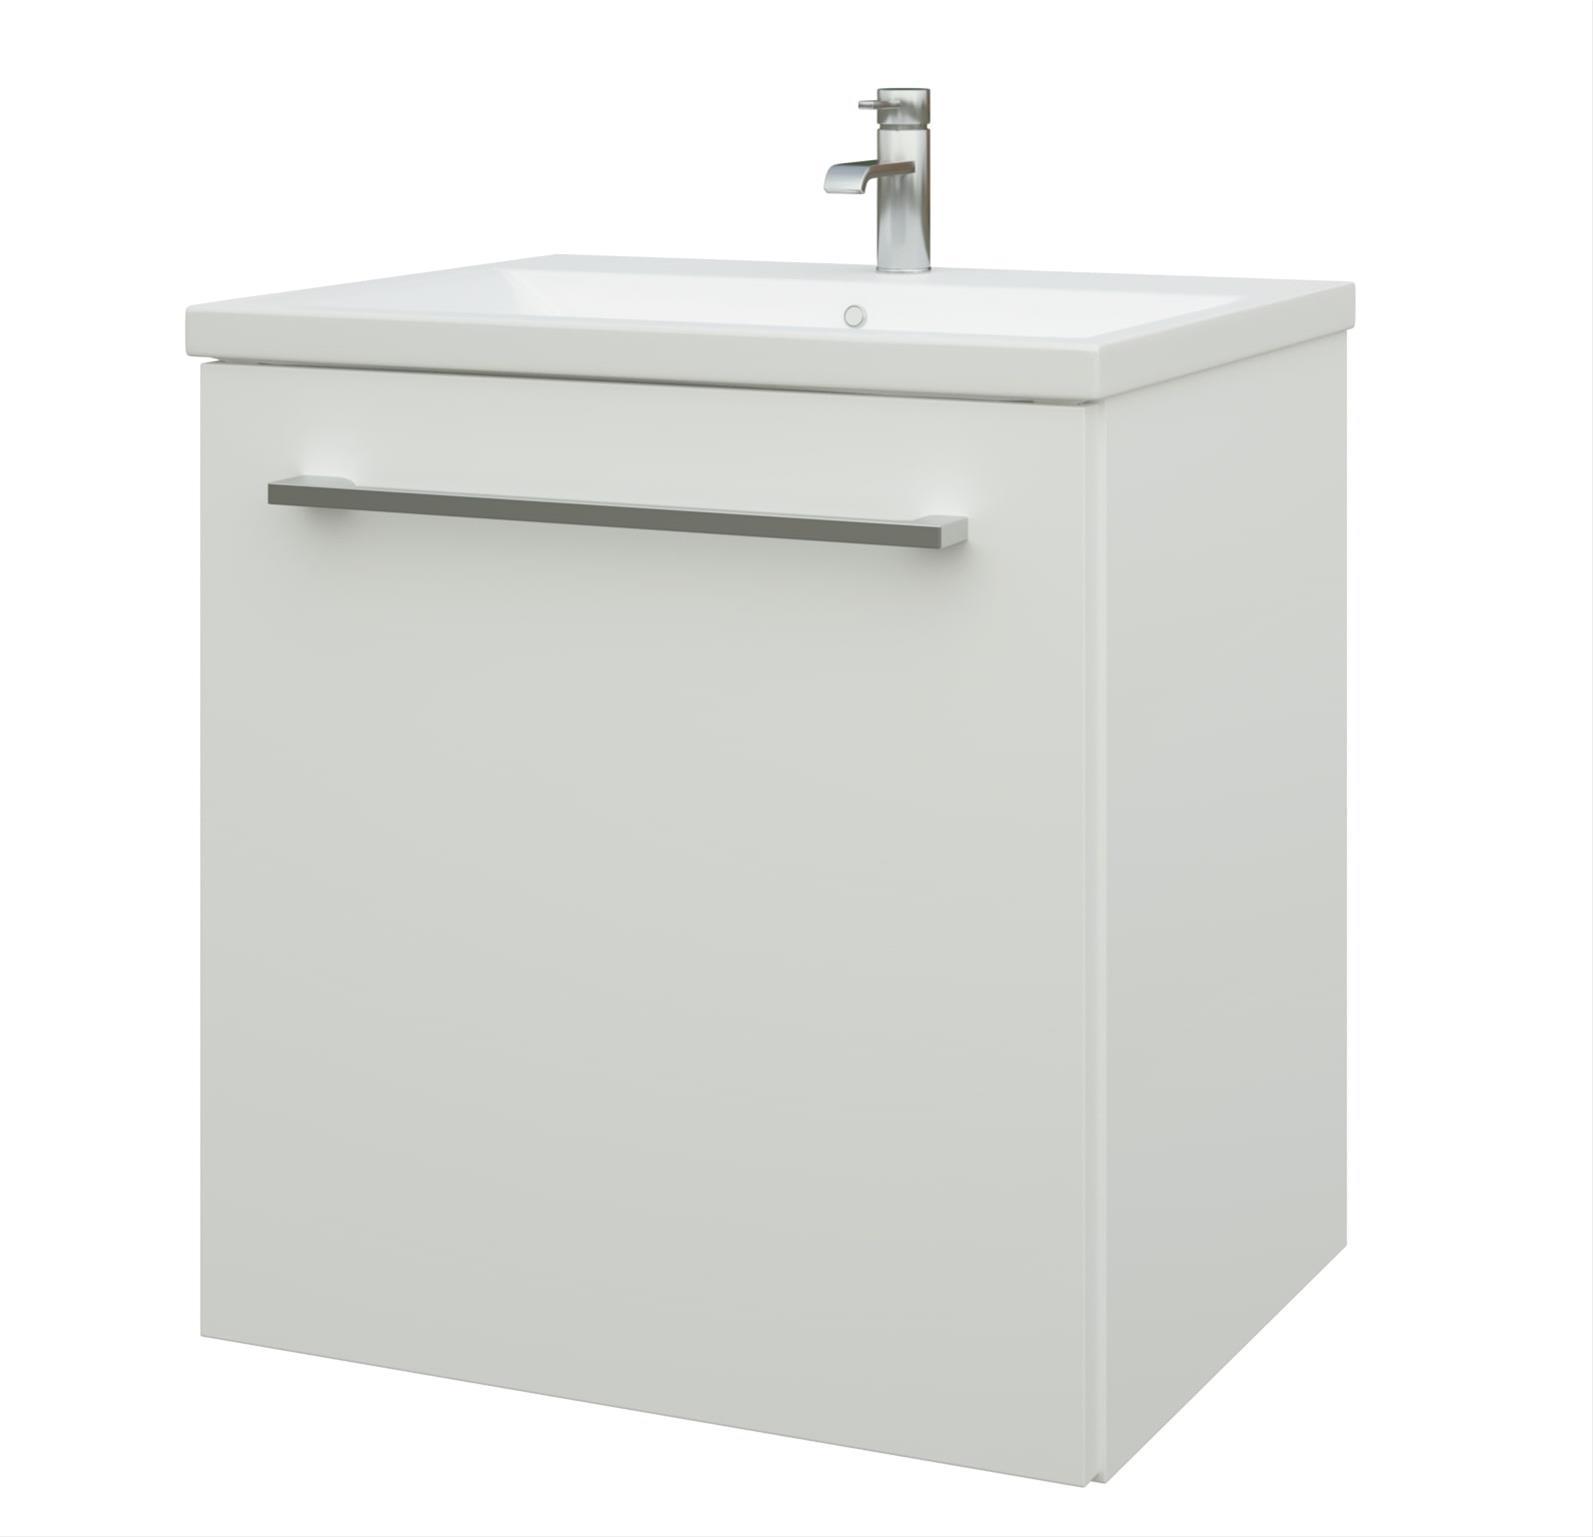 Bad Waschtischunterschrank mit Keramik-Waschtisch Scandic 50 Weiß glänzend Bild 1